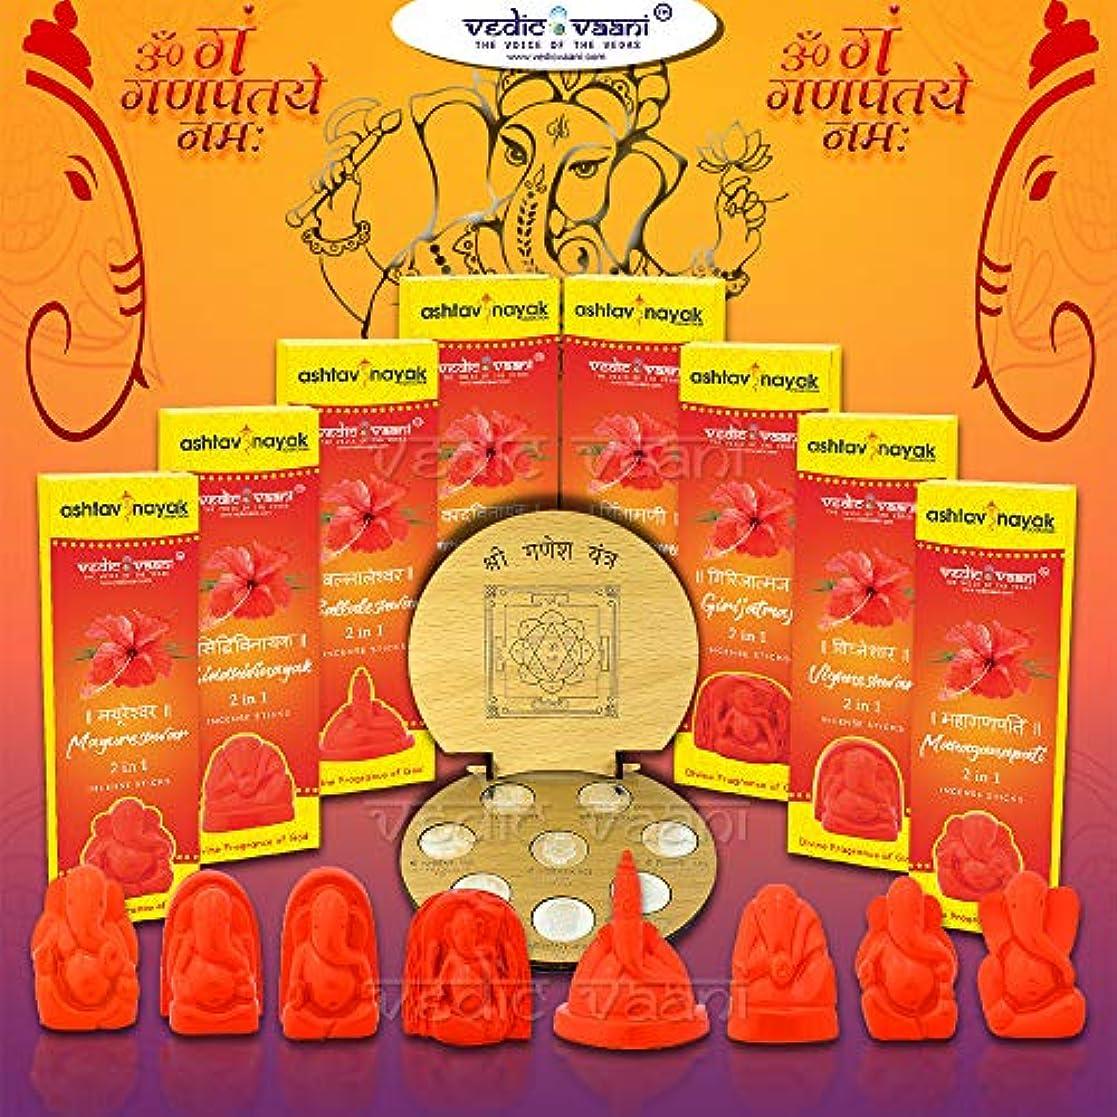 才能のあるブームアークVedic Vaani Shree Ashtavinayak Darshan Yantra with Ashtavinayak Darshan Set & Ganesh Festival お香セット (各100GM)